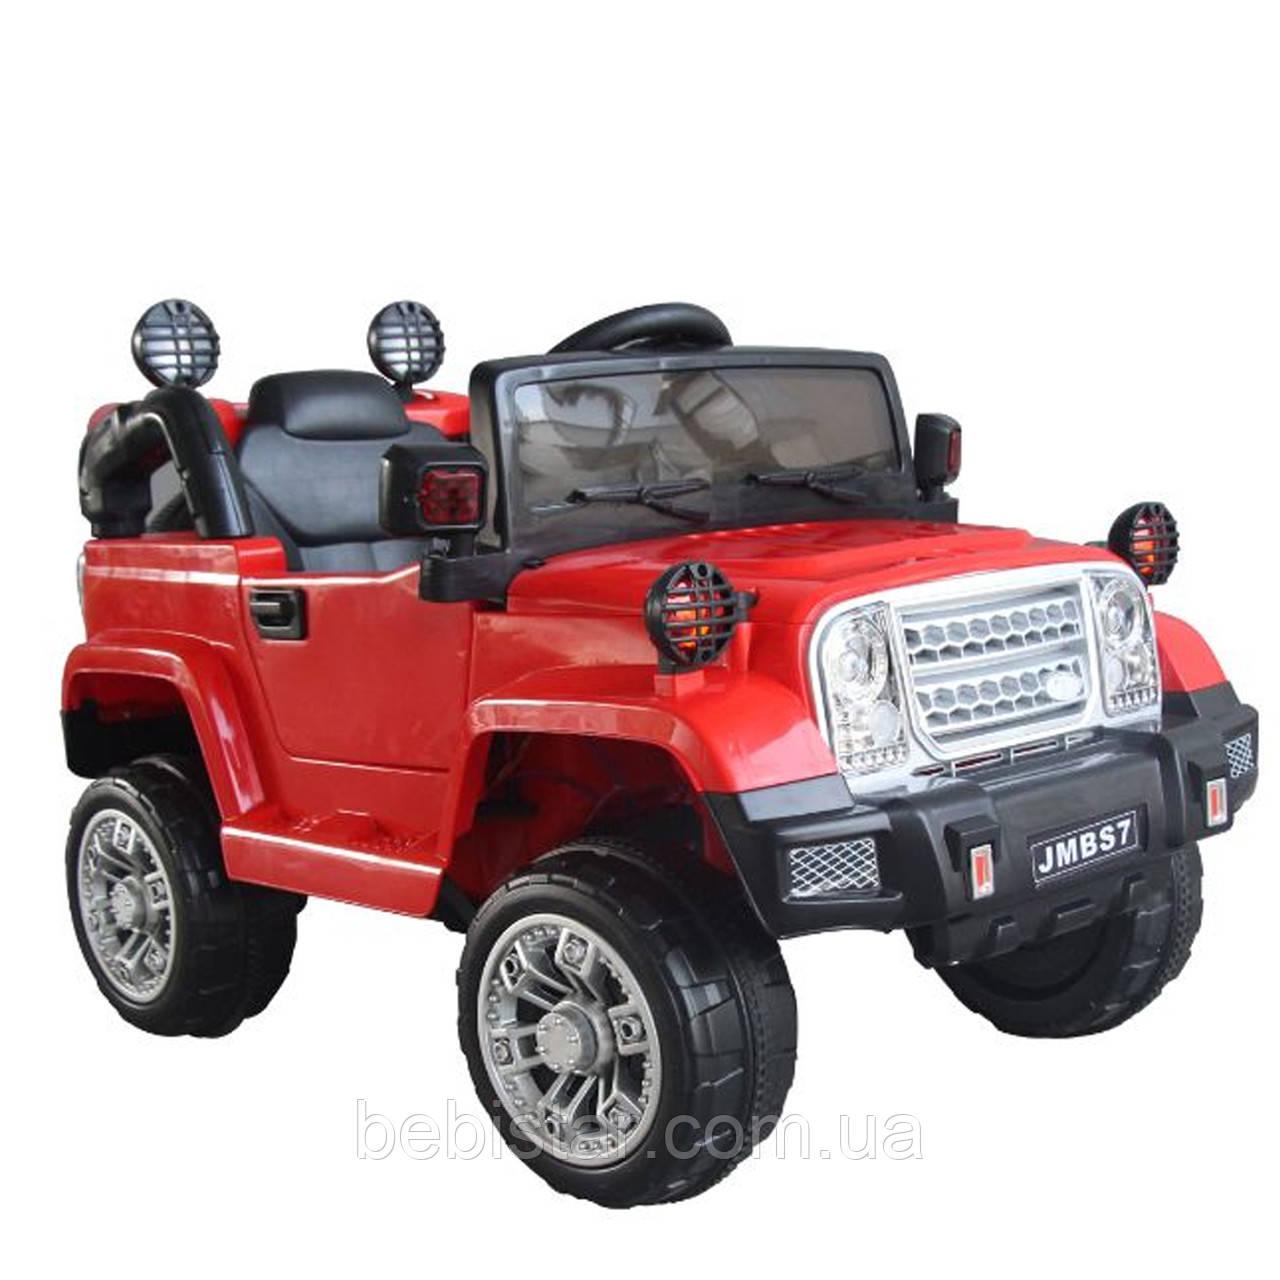 Электромобиль Джип детский красный от 3-х до 8-ми лет с пультом мотор 2*20W батарея 2*6V4.5AH